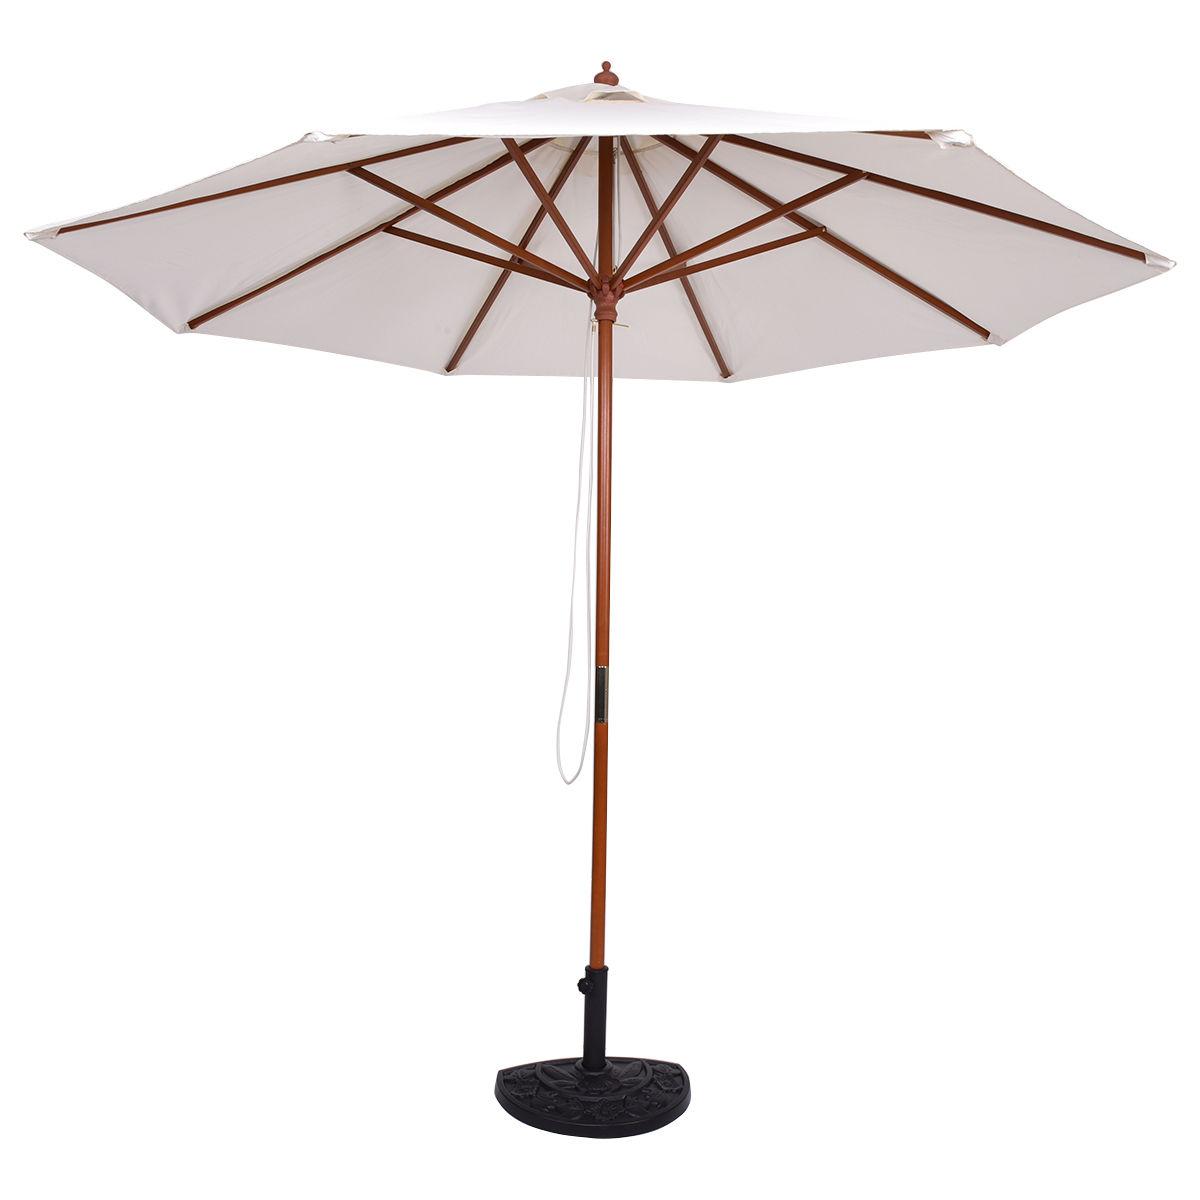 Costway Adjustable 9FT Wooden Patio Umbrella Wood Pole Outdoor Garden Sun  Shade Beige 1